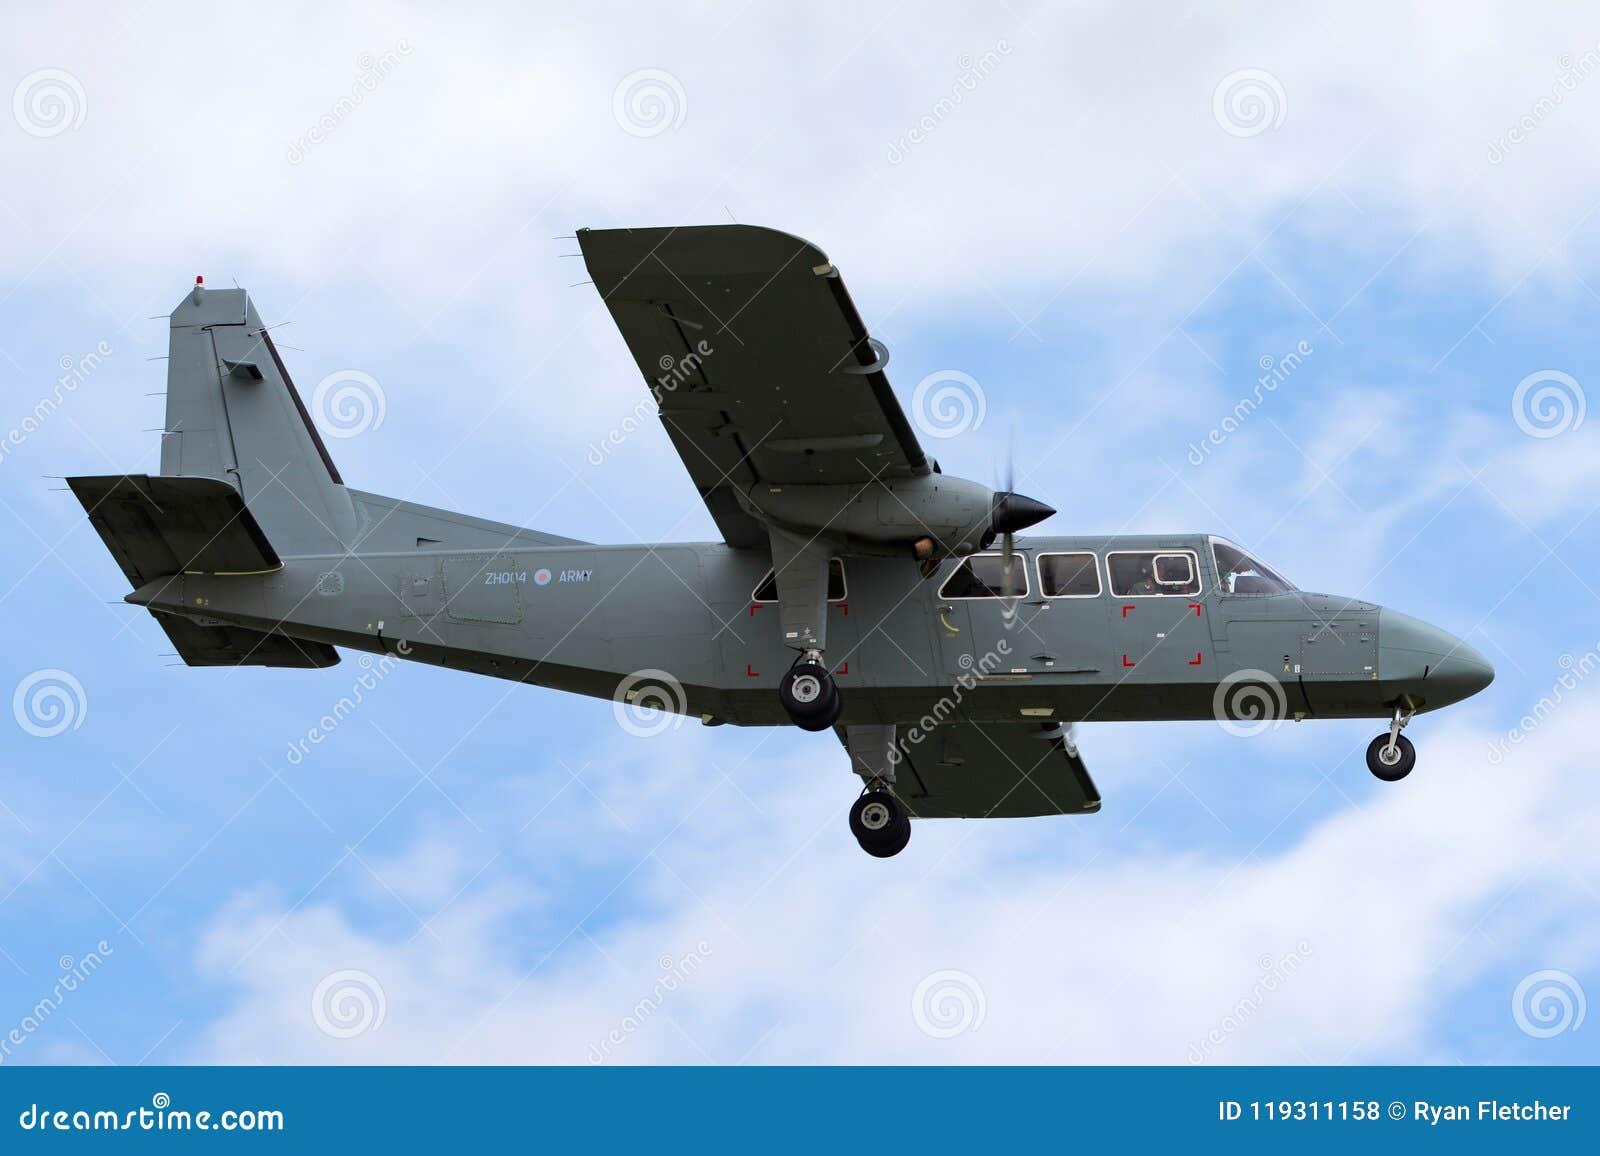 Van de Korpsen britten-Normandiër van de legerlucht de Verdediger T3 ZH004 miljard-2t-4S op benadering van land